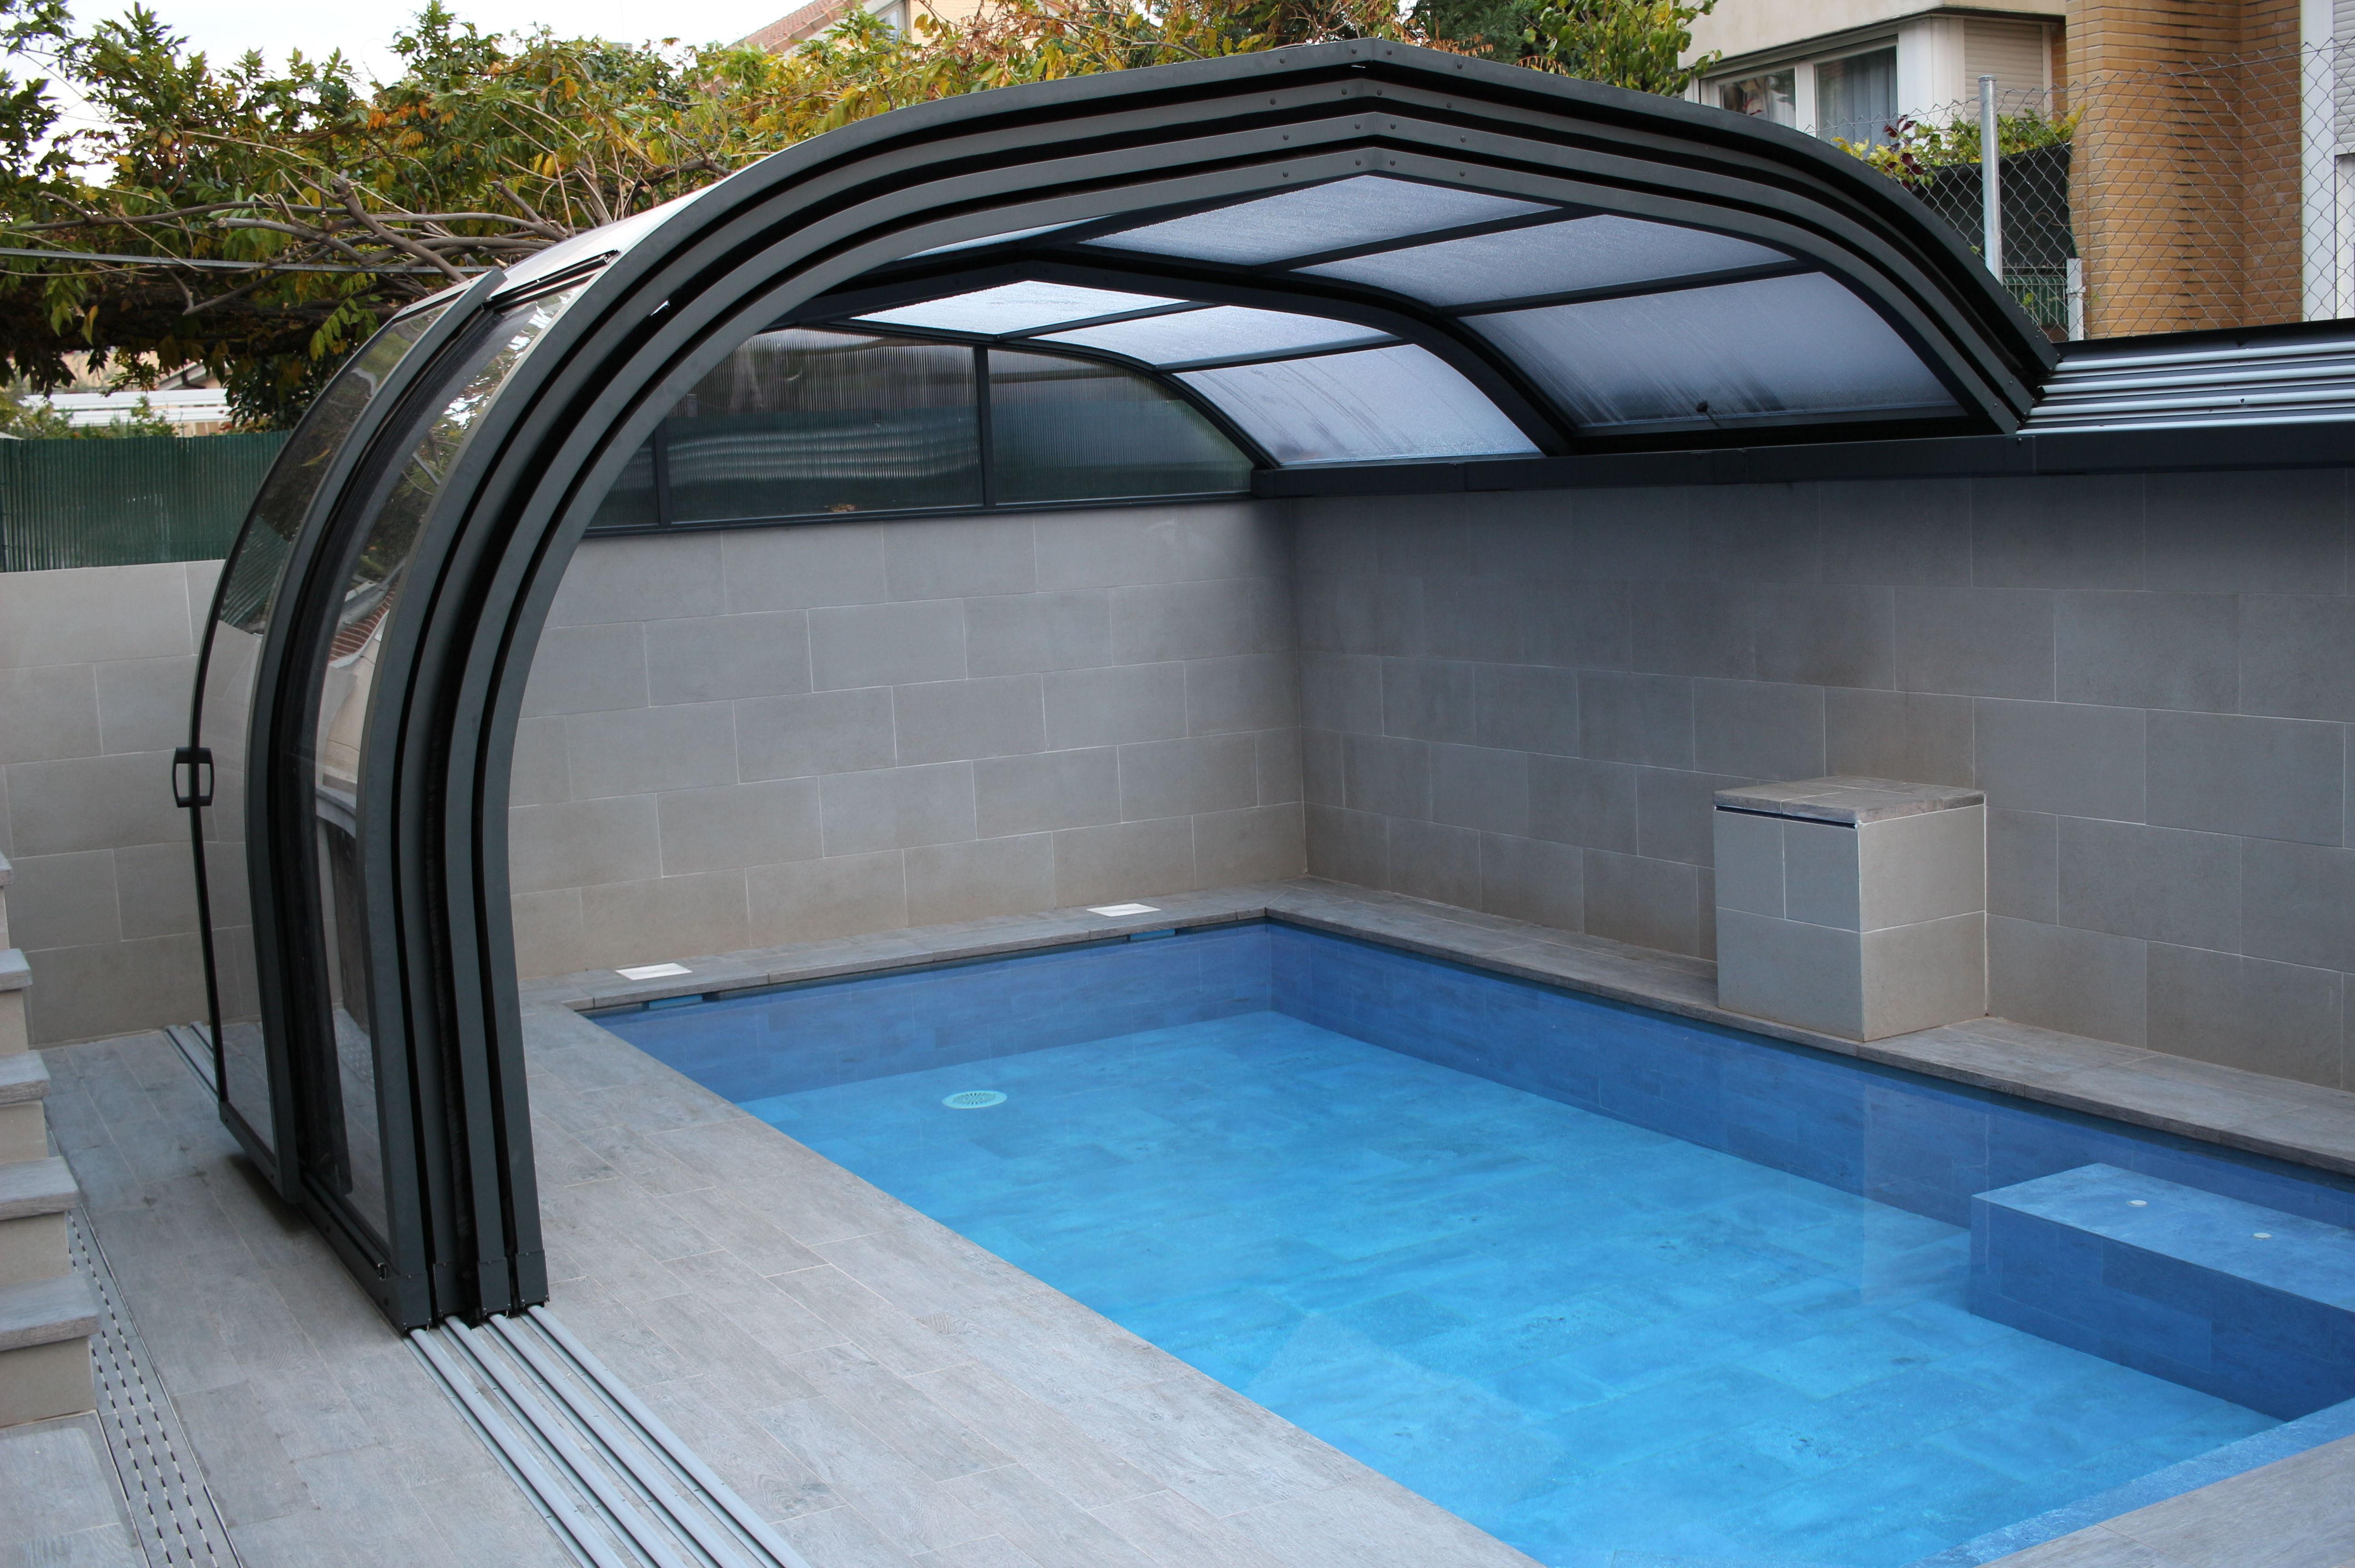 Foto 1 de Instalación de piscinas  en España | Piscinas Castilla - Construcción y Rehabilitación